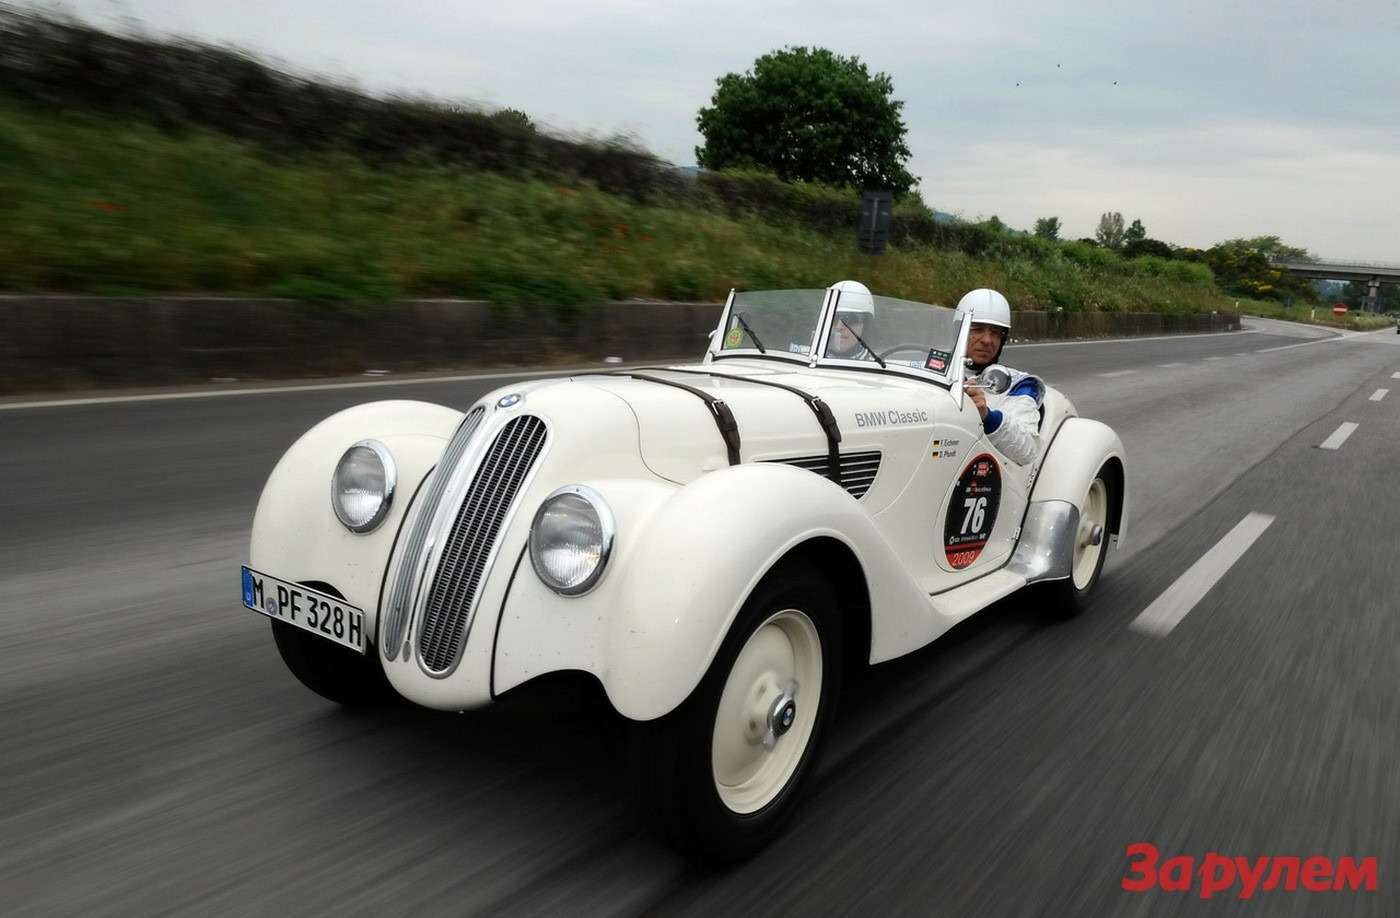 BMW328, 1937 года выпуска— легенда автомобилестроения